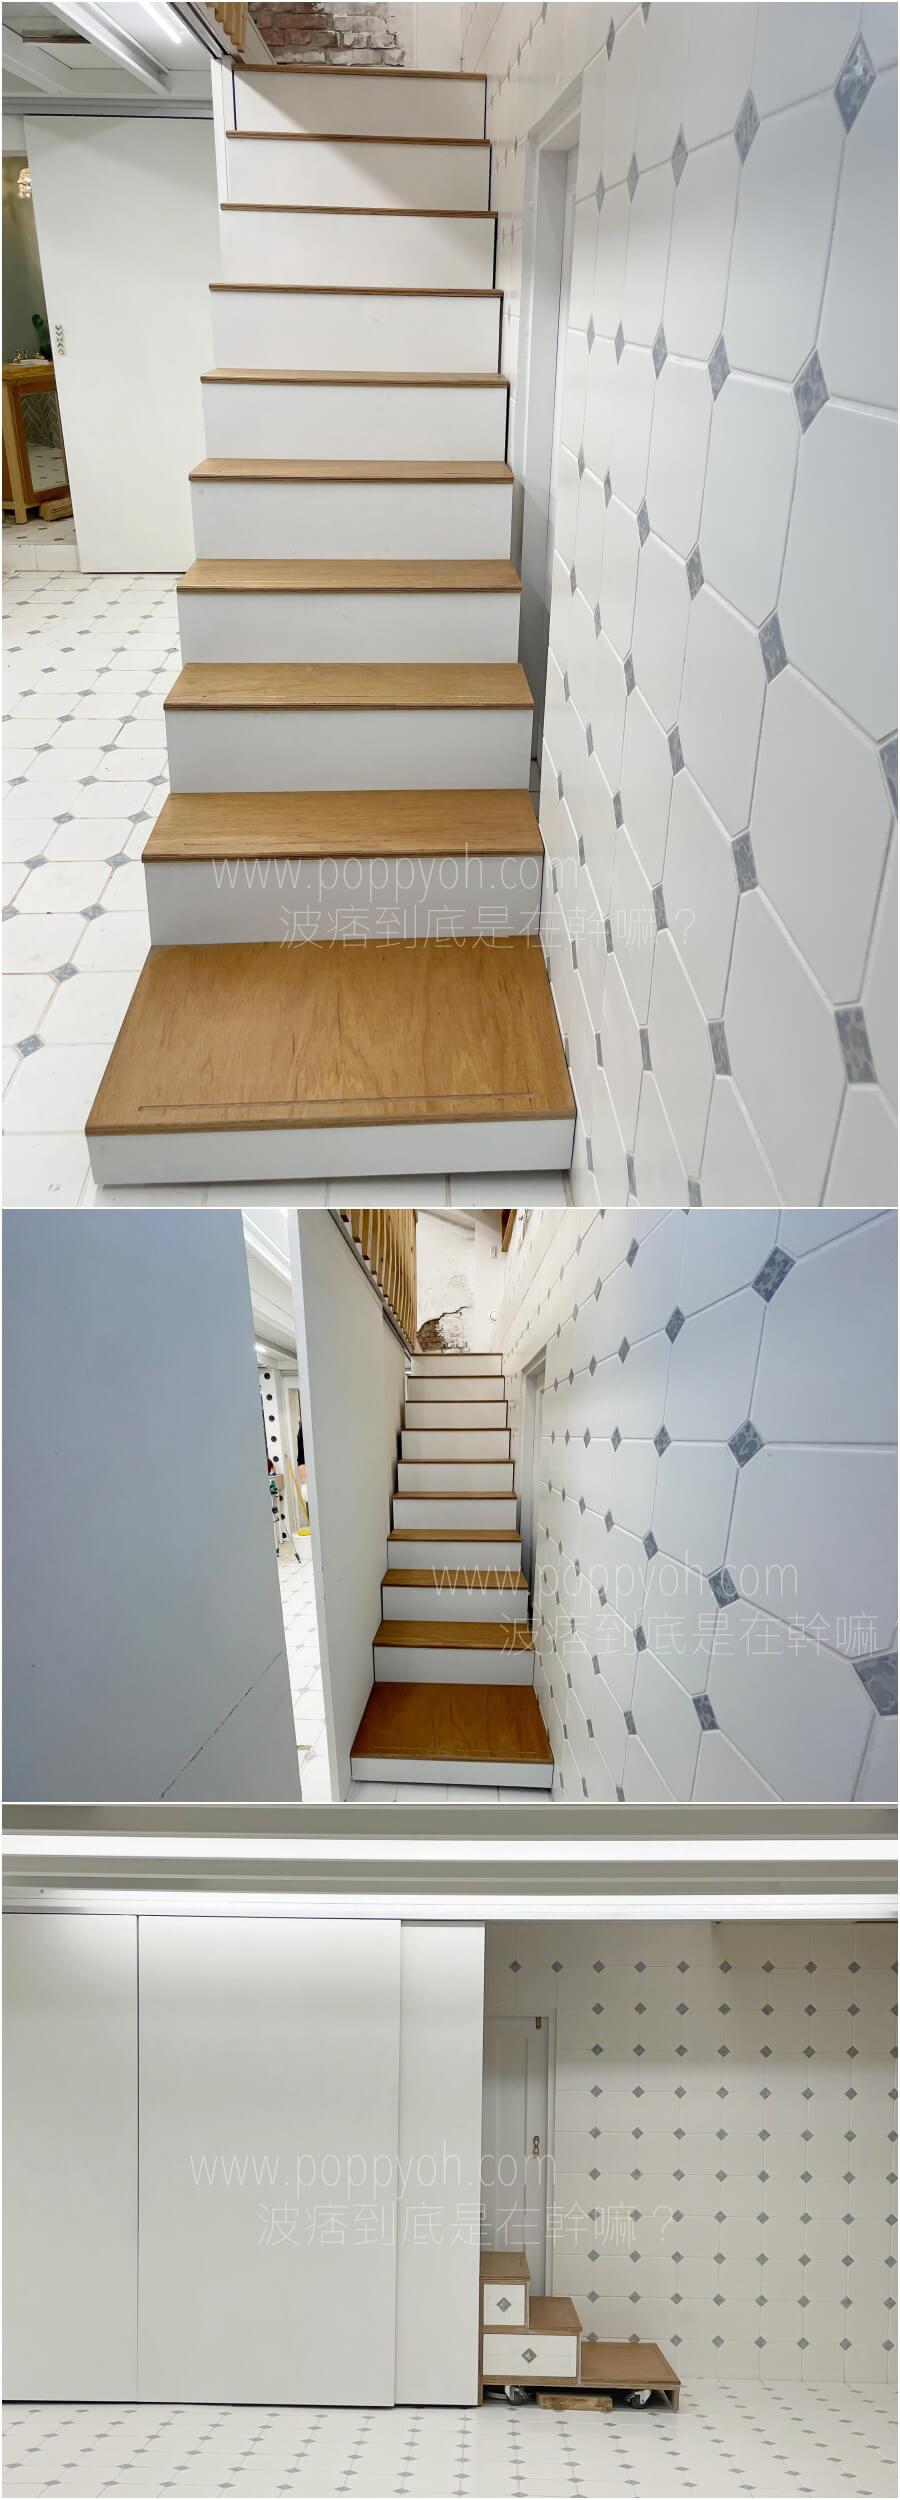 居家改造 樓梯 木頭 木工